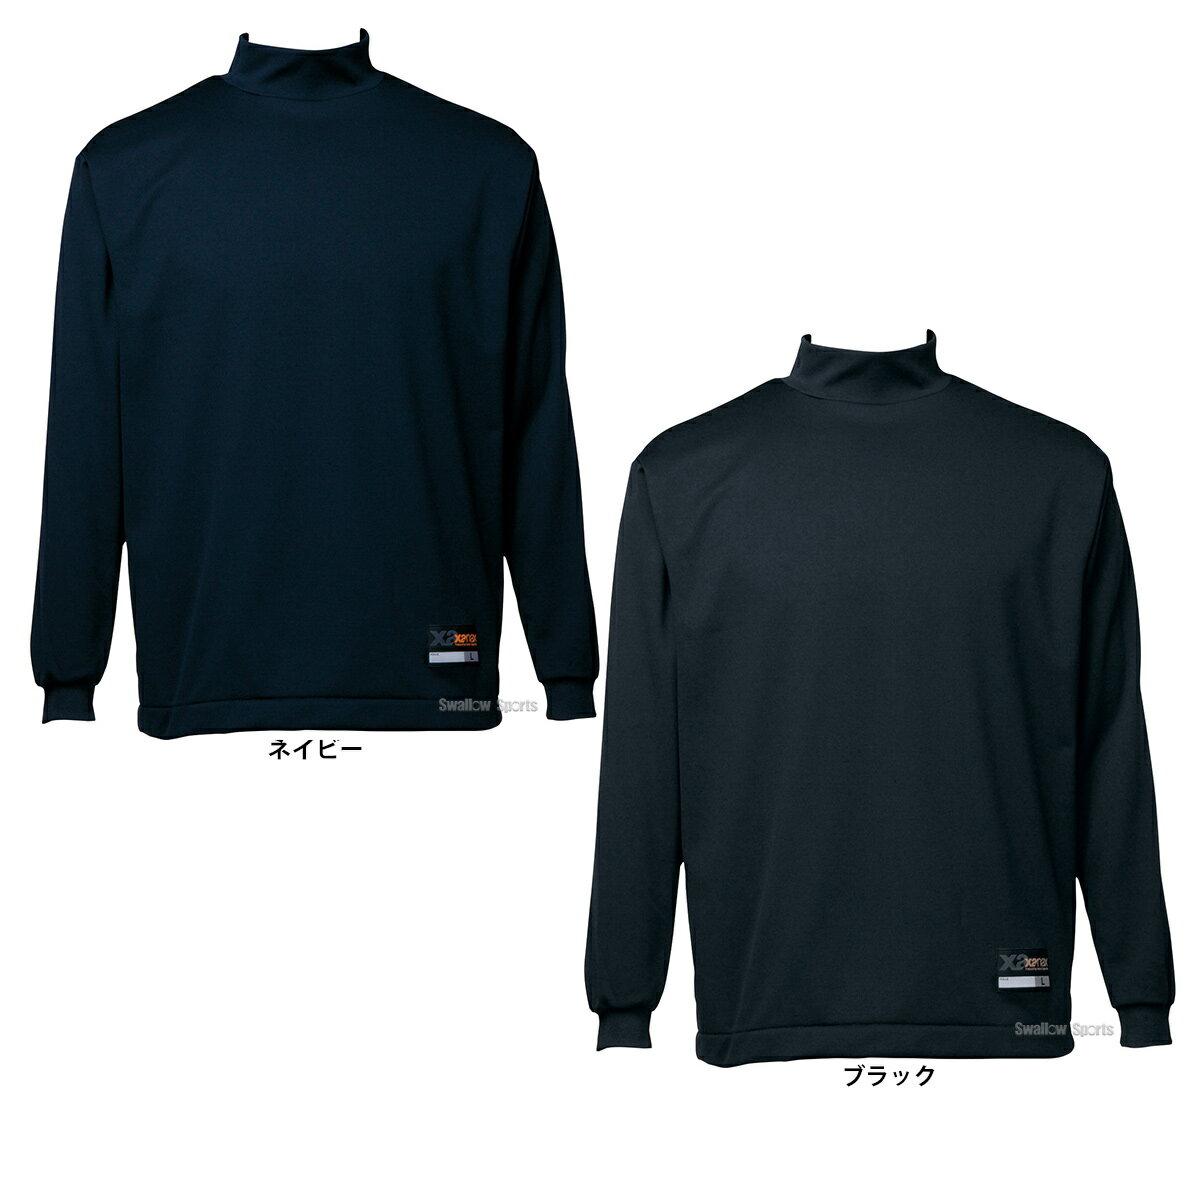 ザナックス ハイネック 長袖 ルーズシリーズ アンダーシャツ BUS-590 ウエア ウェア アンダーシャツ Xanax 新入学 野球部 新入部員 野球用品 スワロースポーツ